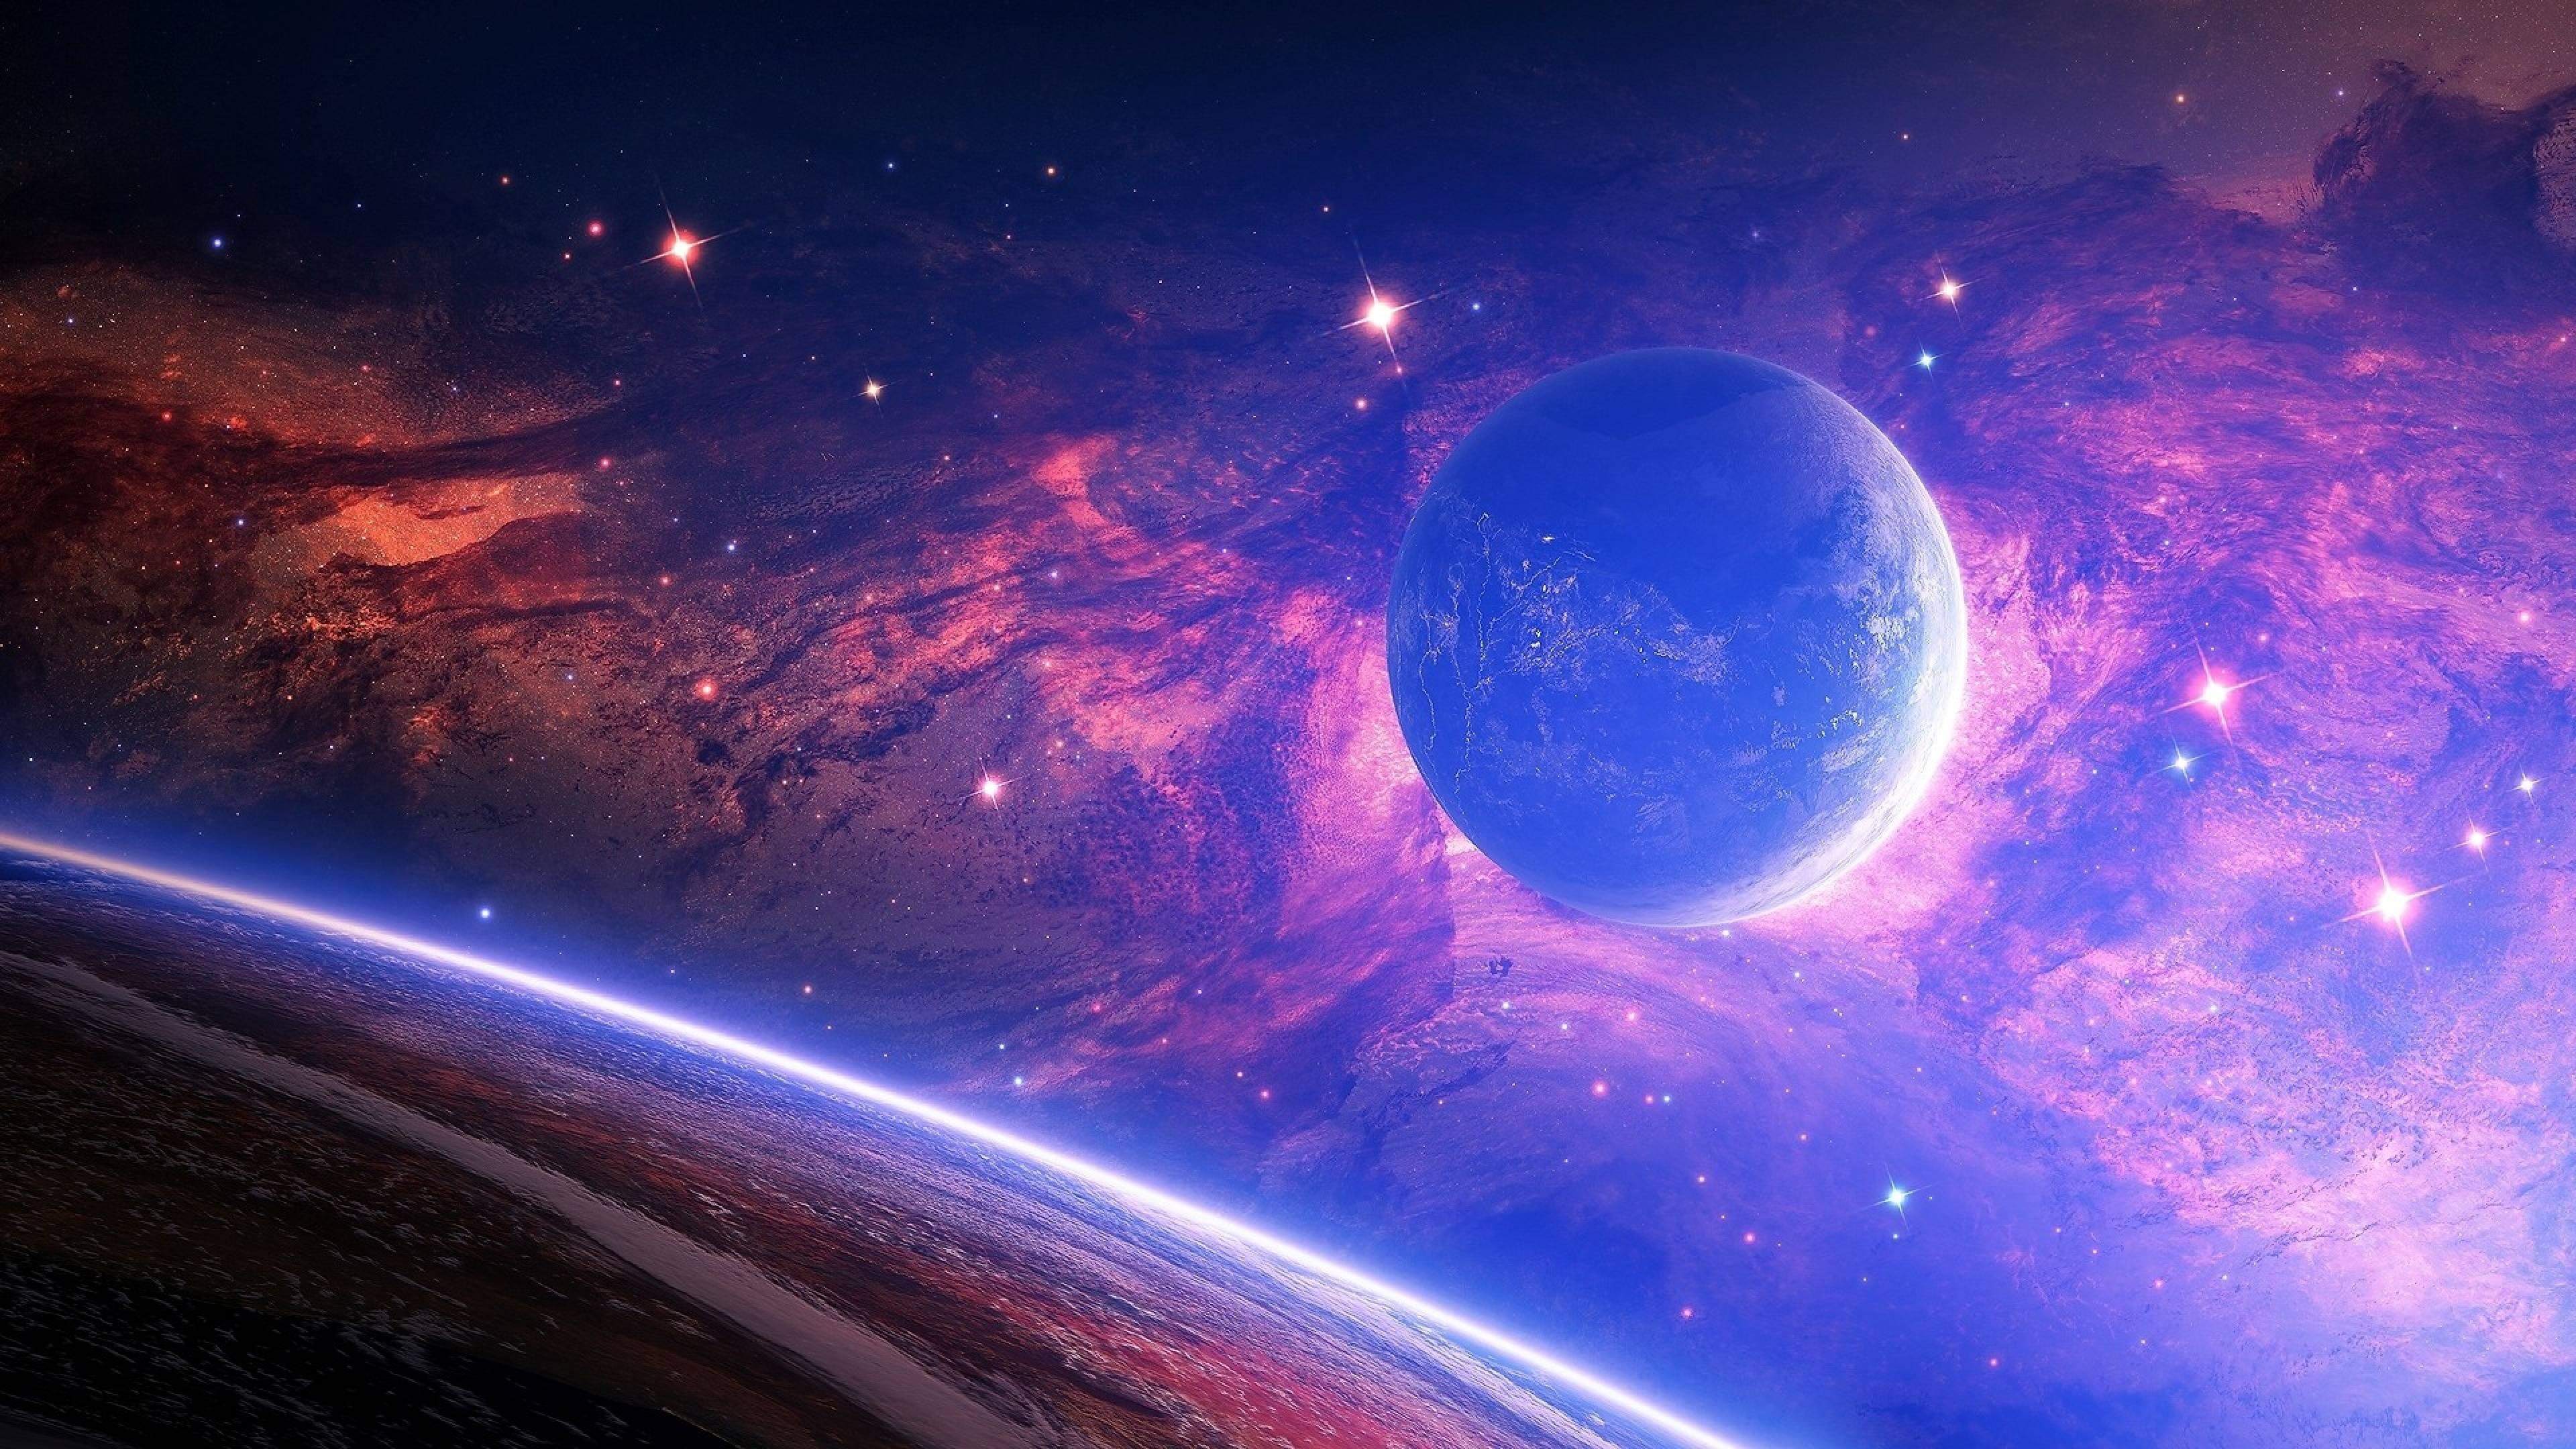 Обои Туманность со звездами картинки на рабочий стол на тему Космос — скачать загрузить